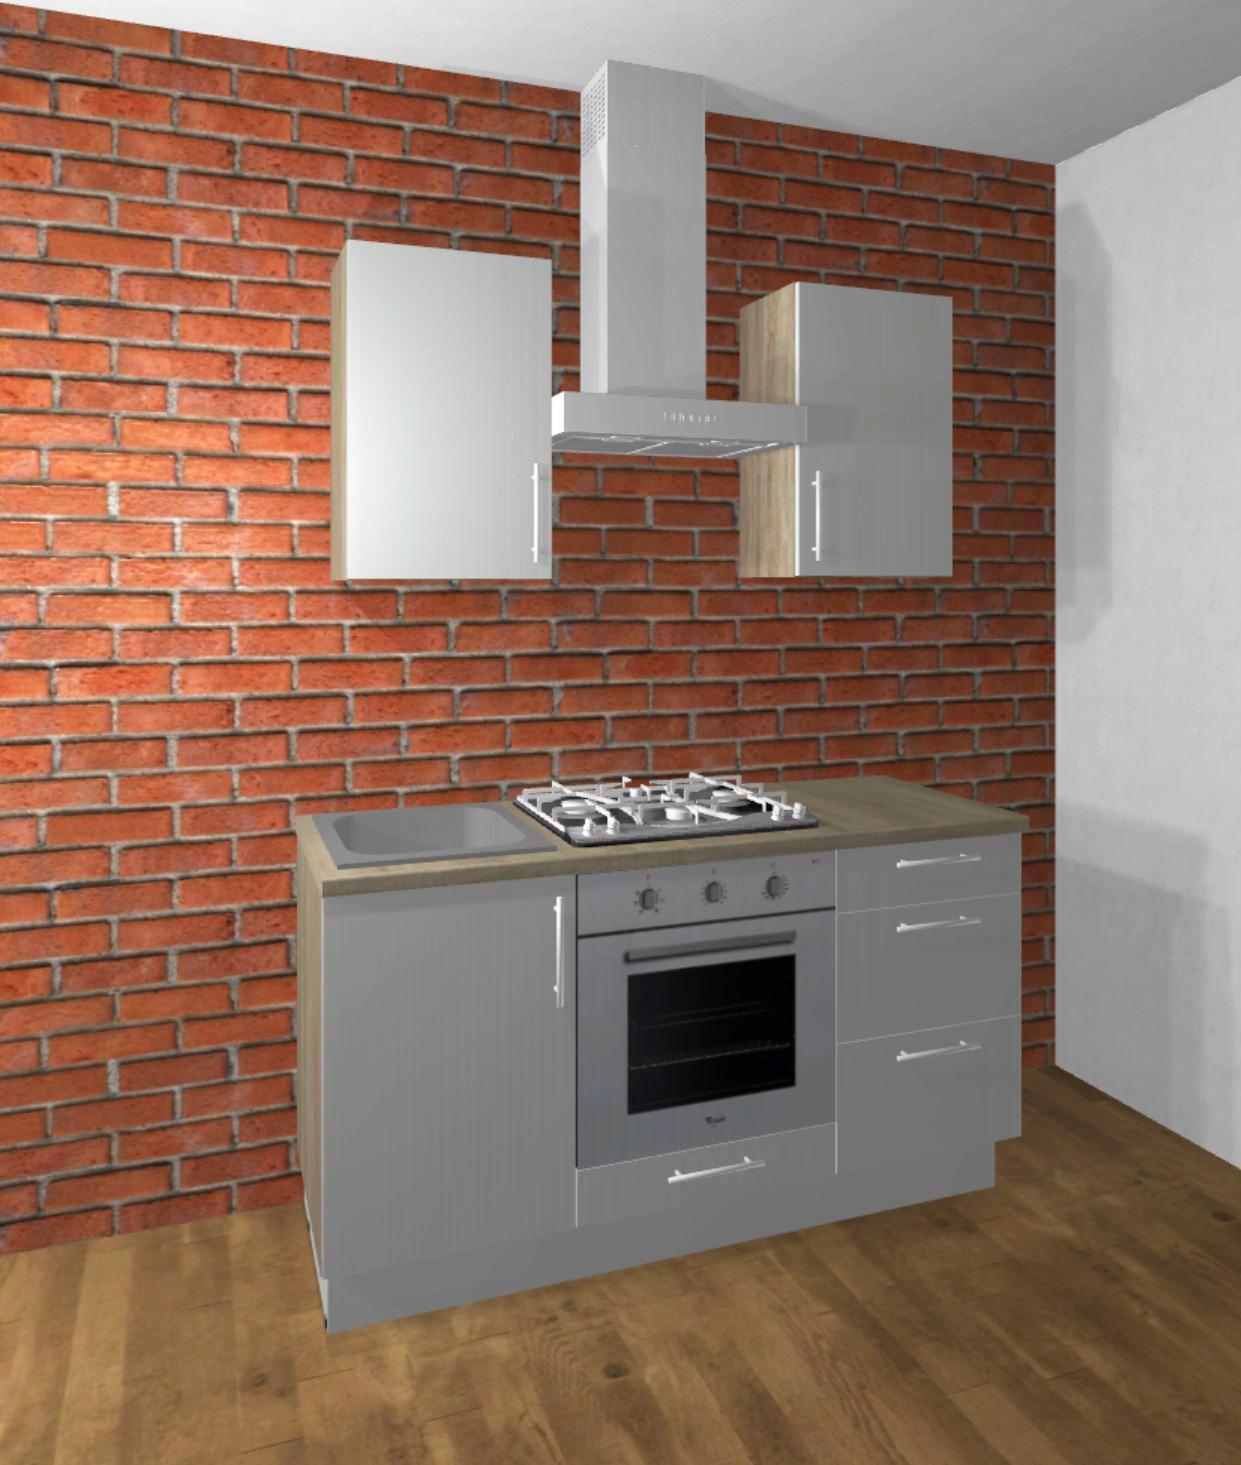 Full Size of Kleine Einbauküche Mit Herd Kleine Küche Einbauküche Kleine Einbauküche Kosten Kleine Wohnung Mit Einbauküche Küche Kleine Einbauküche